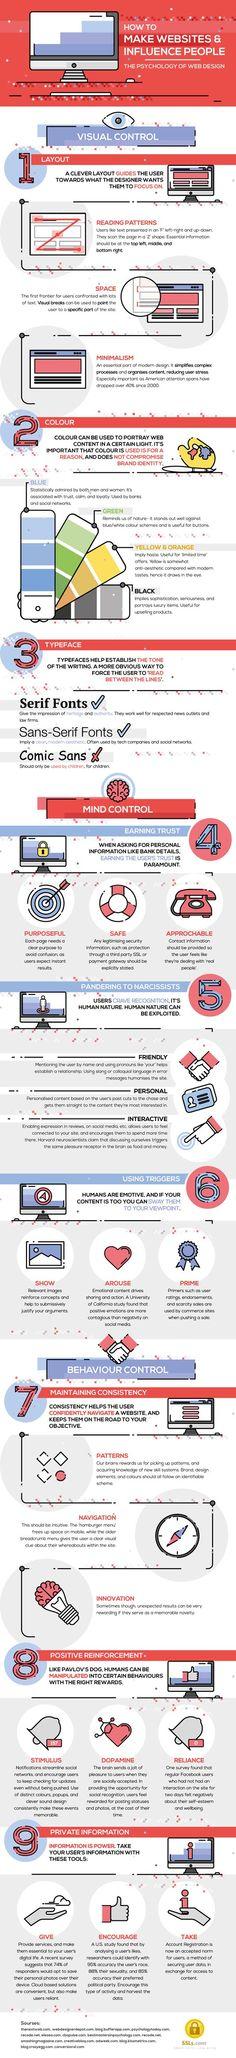 Il+ruolo+della+psicologia+nel+web+design